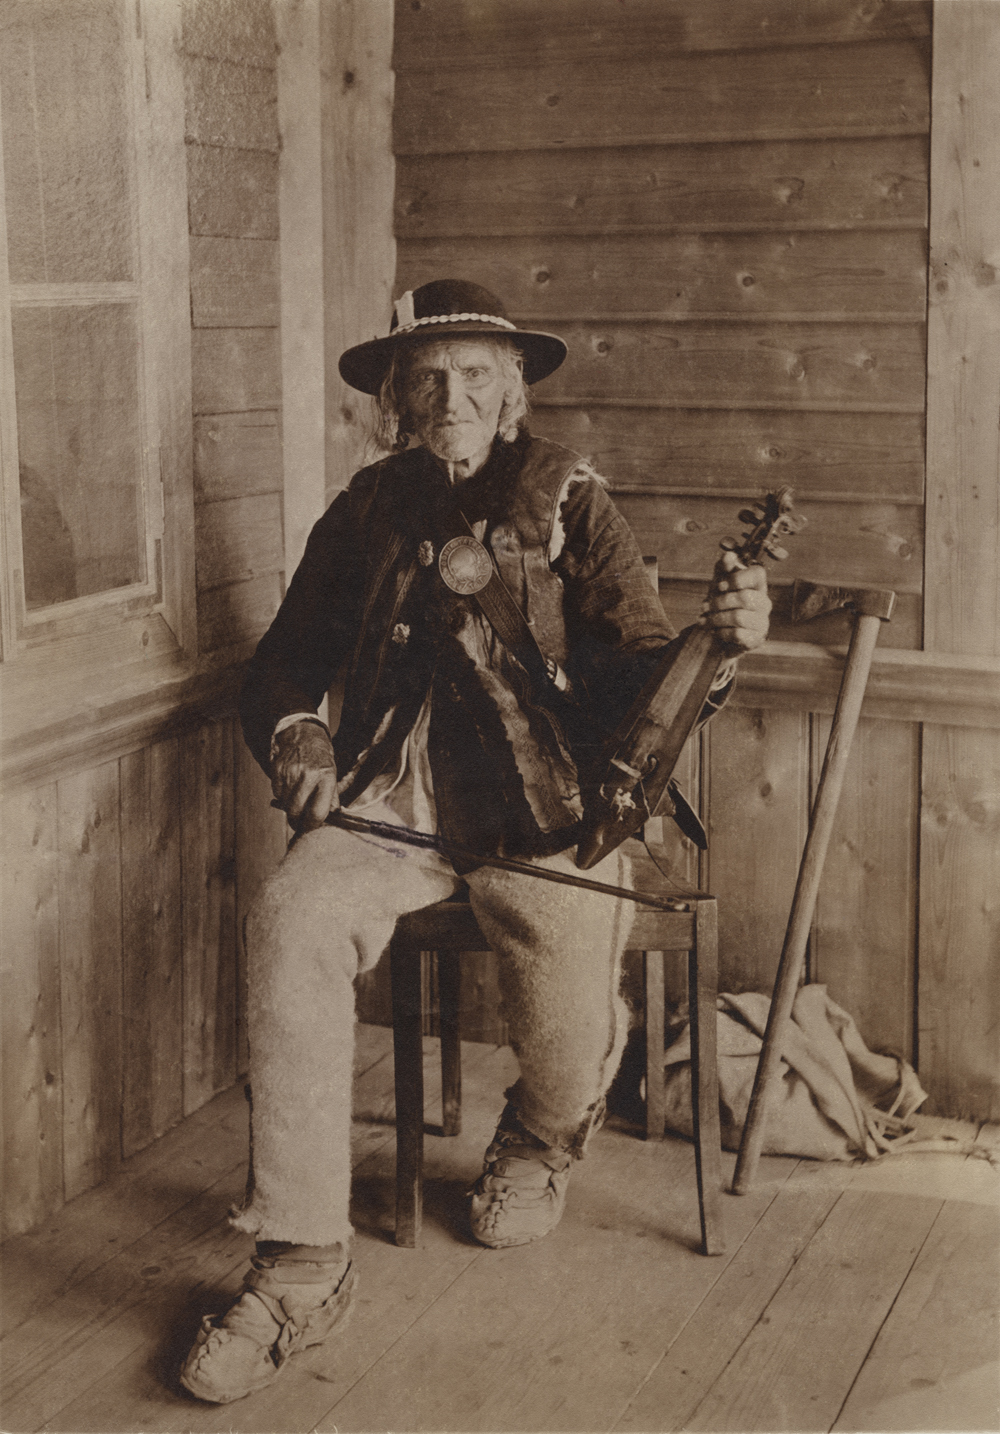 Benedykt hr. Tyszkiewicz, Sabała ,1892, reprodukcja z oryginału wykonana przez Witkiewiczów (dzięki uprzejmości Stefana Okołowicza)